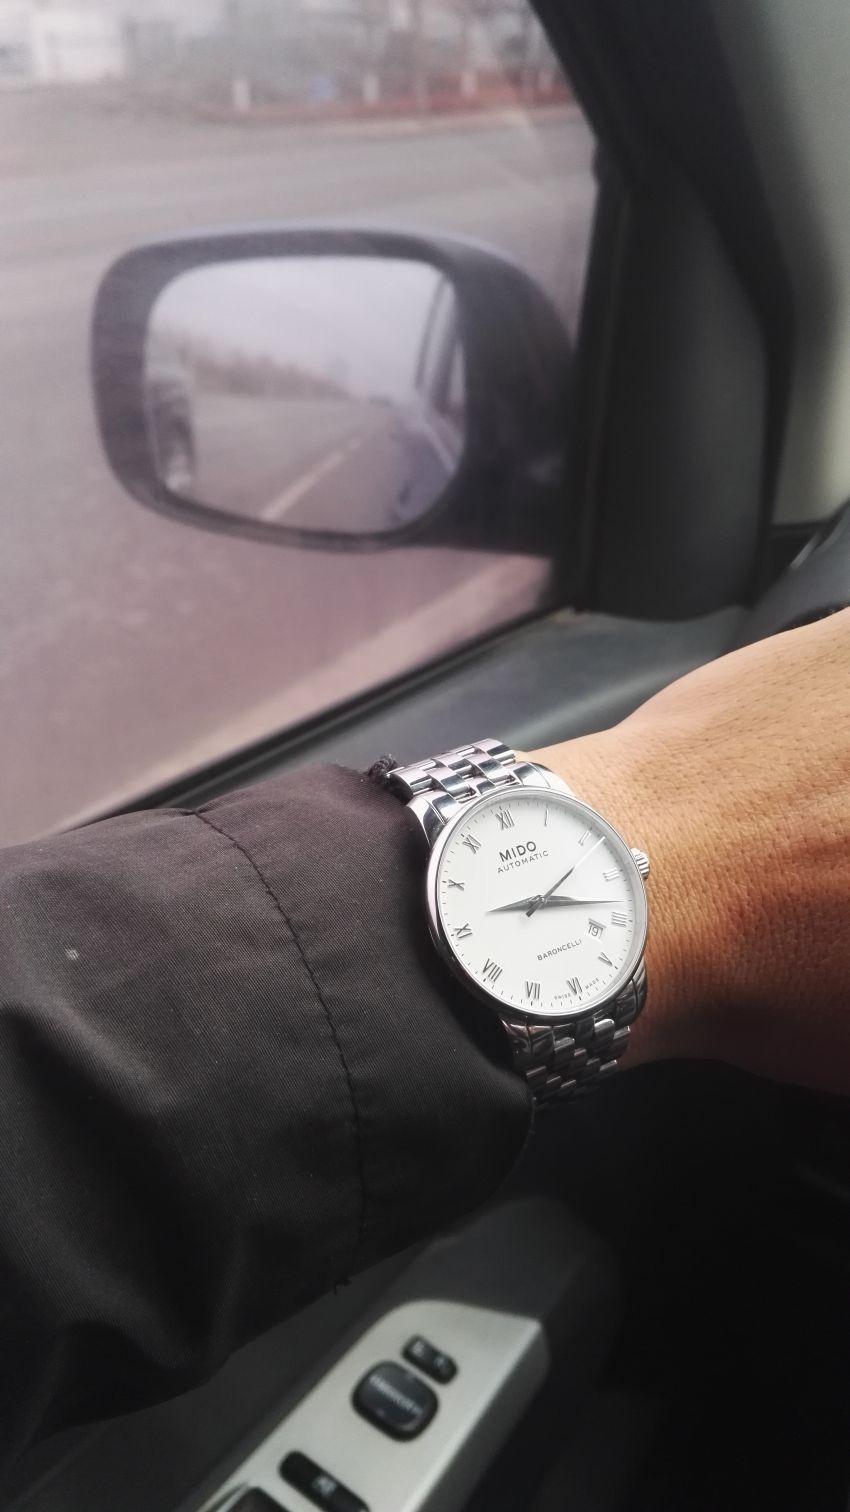 美度M8600.4.26.1手表【表友晒单作业】很大气的一...